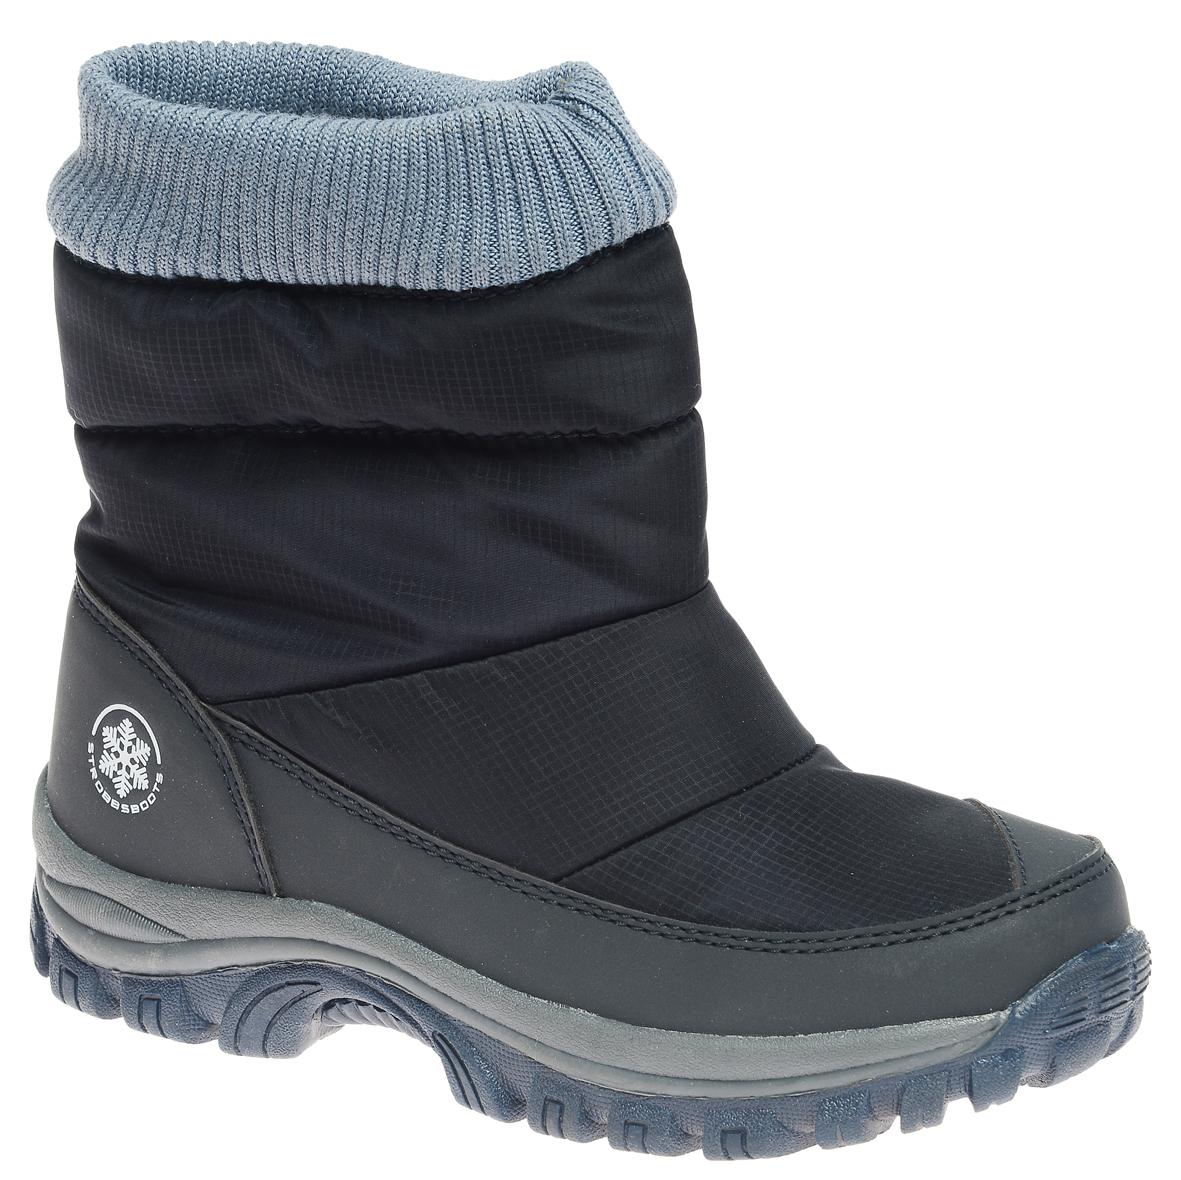 N1840-3Удобные детские дутики Strobbs - отличный вариант для повседневной носки. Модель выполнена из полиэстера с пропиткой и синтетической кожи. Сверху голенище дополнено трикотажной манжетой, которая обеспечивает комфортную посадку модели на ноге. Подкладка из искусственной шерсти не даст ногам замерзнуть. Подошва обеспечит легкость и естественную свободу движений. Модель маломерит на 1 размер